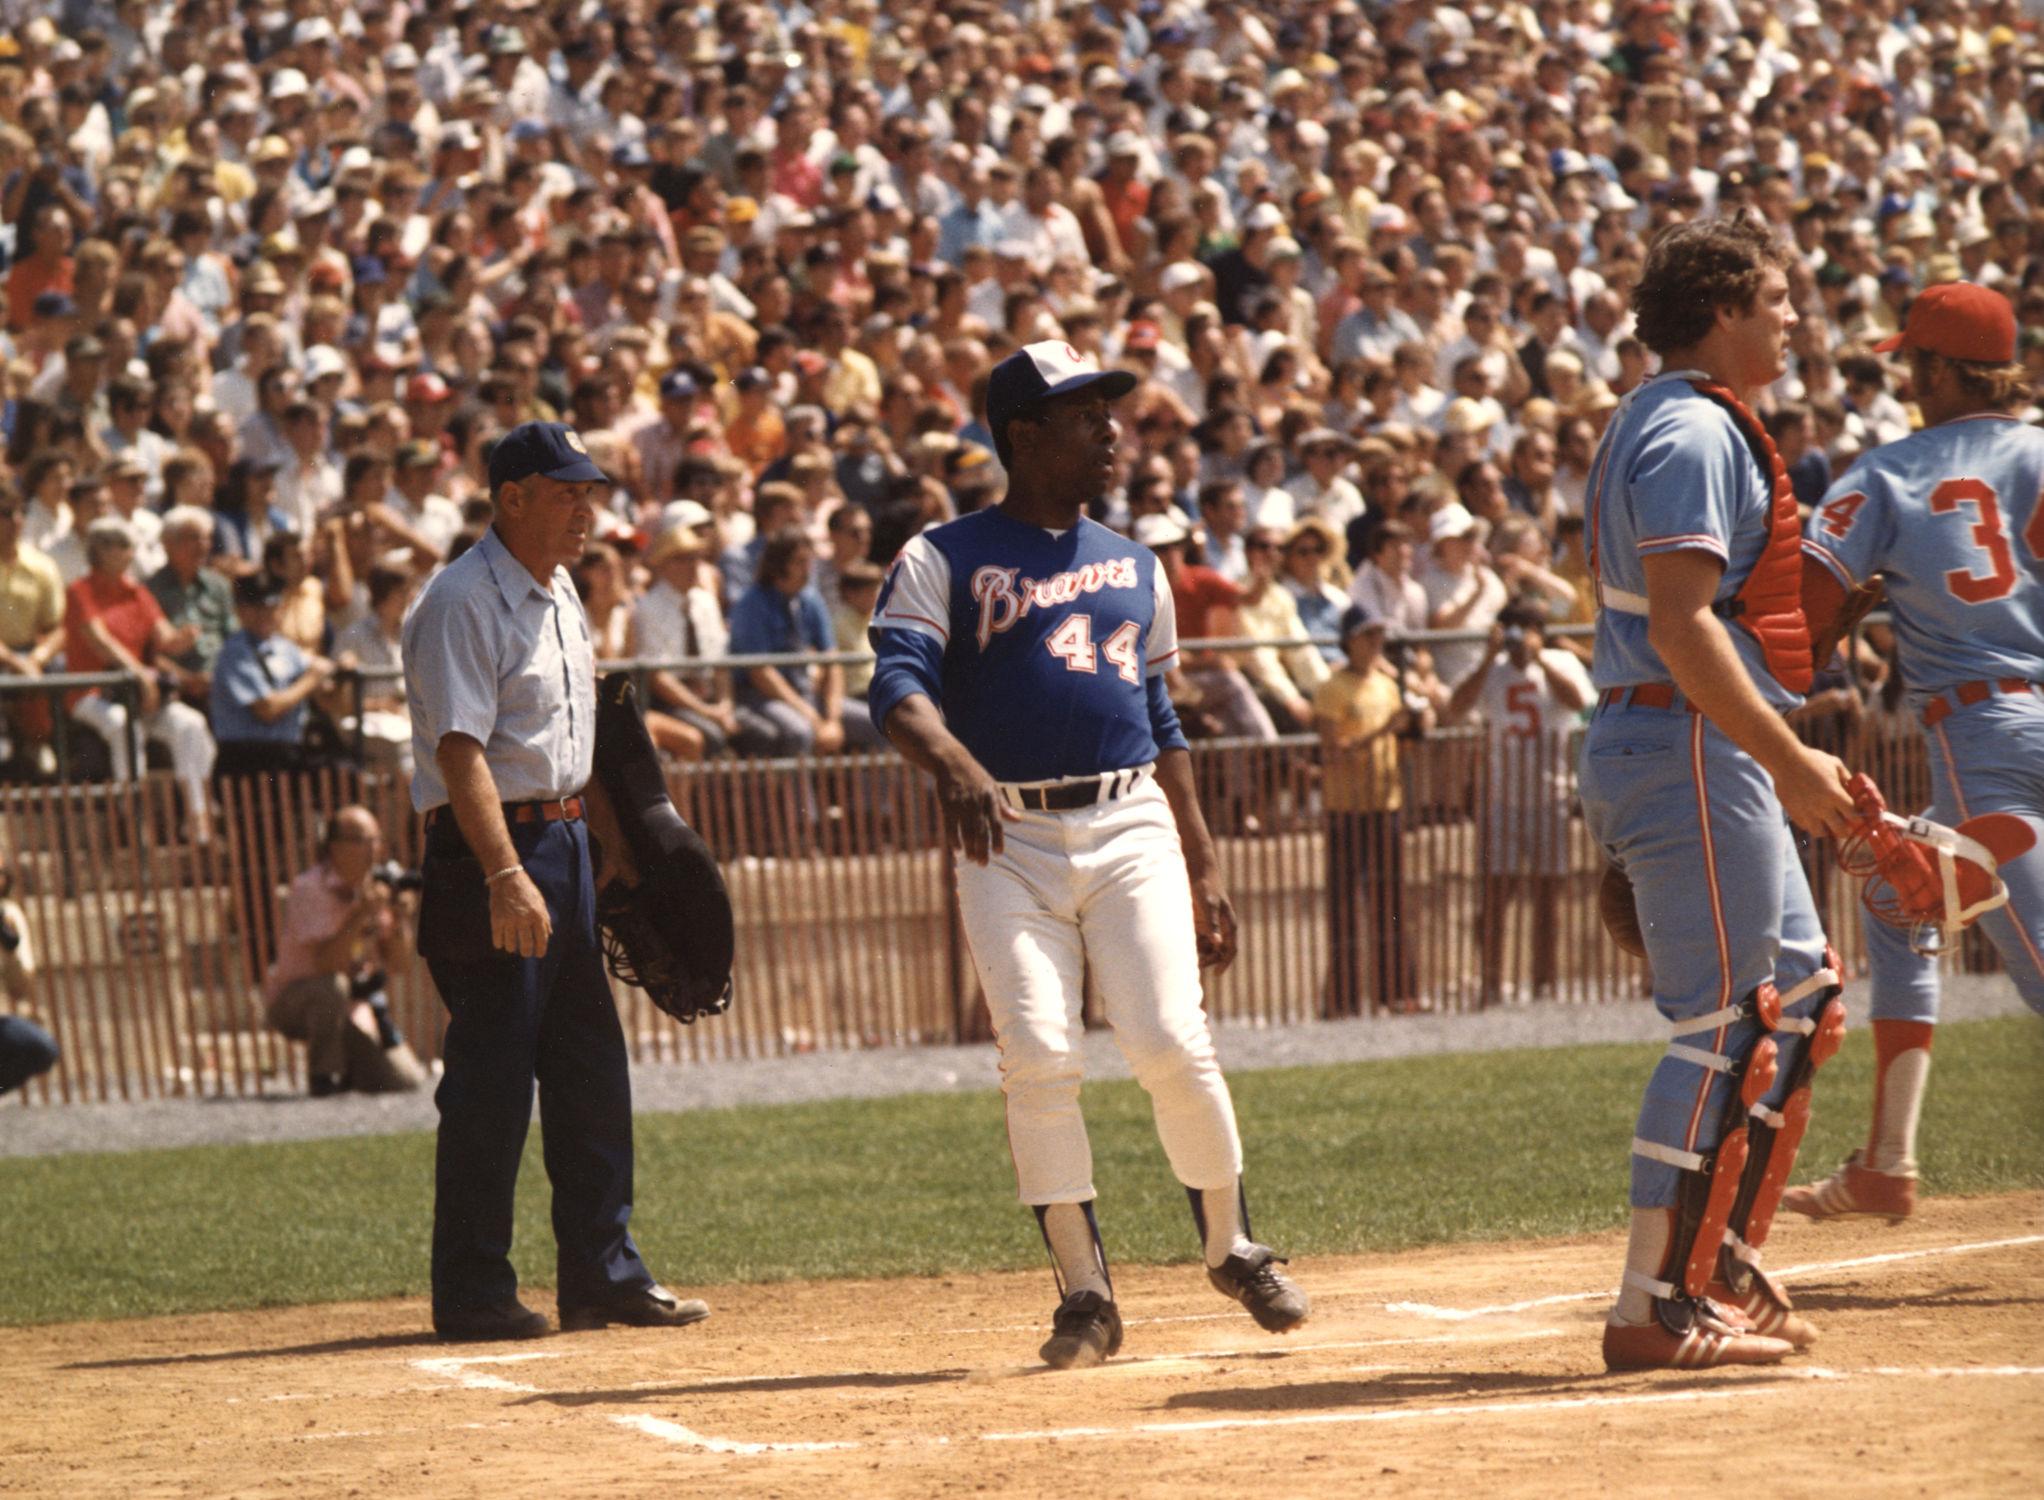 1982 Baseball Hall of Fame balloting